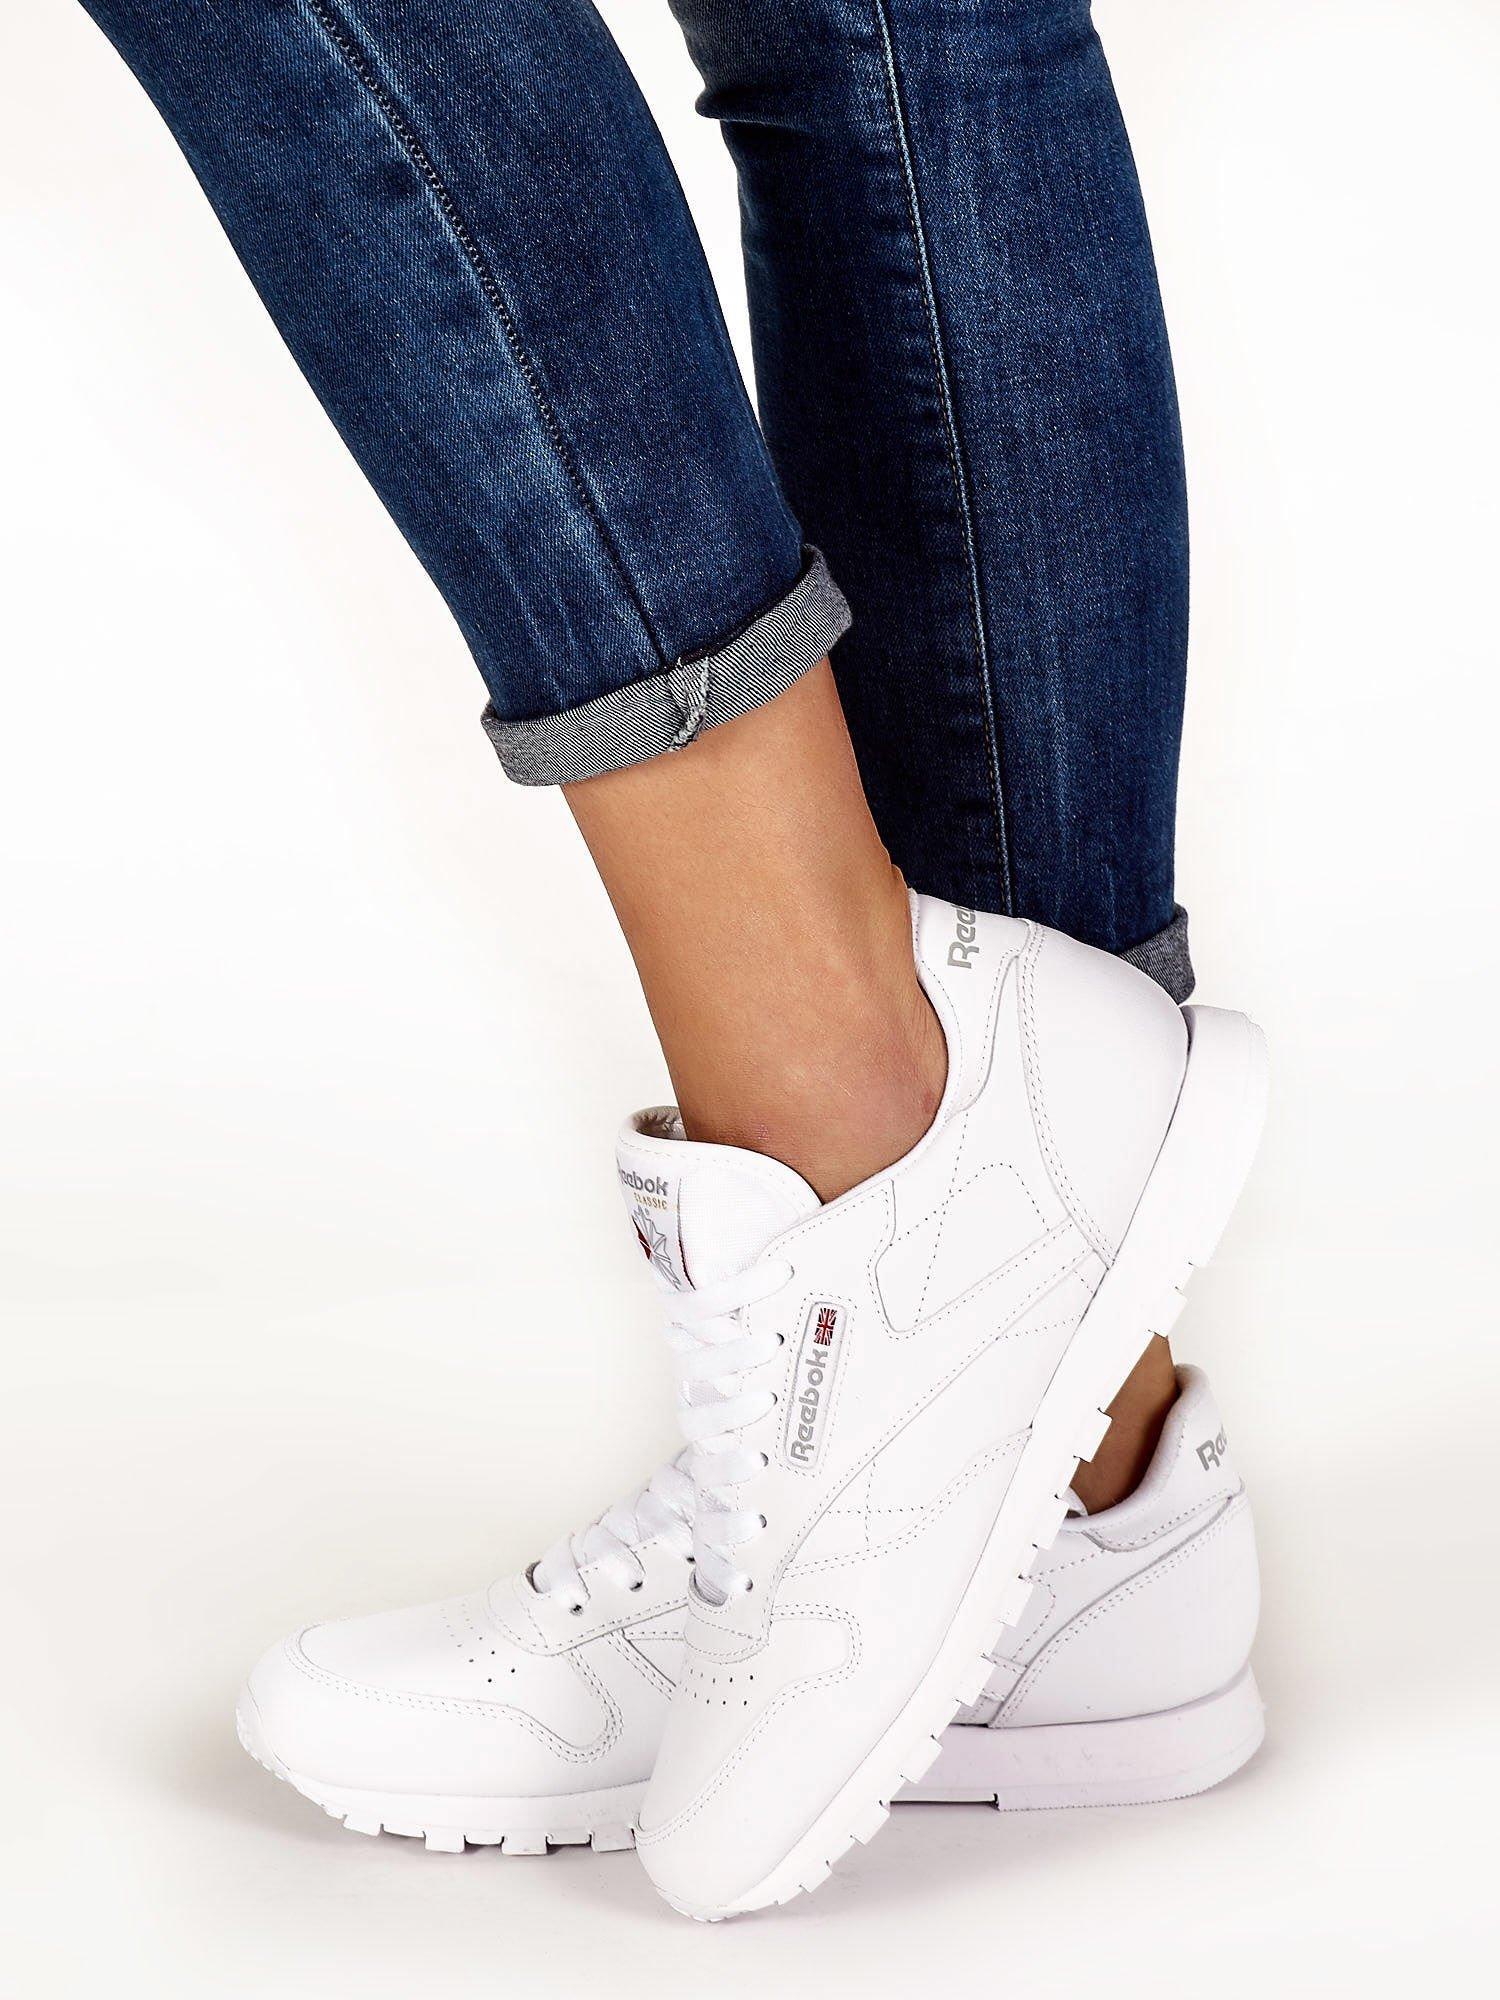 adidasy damskie reebok białe